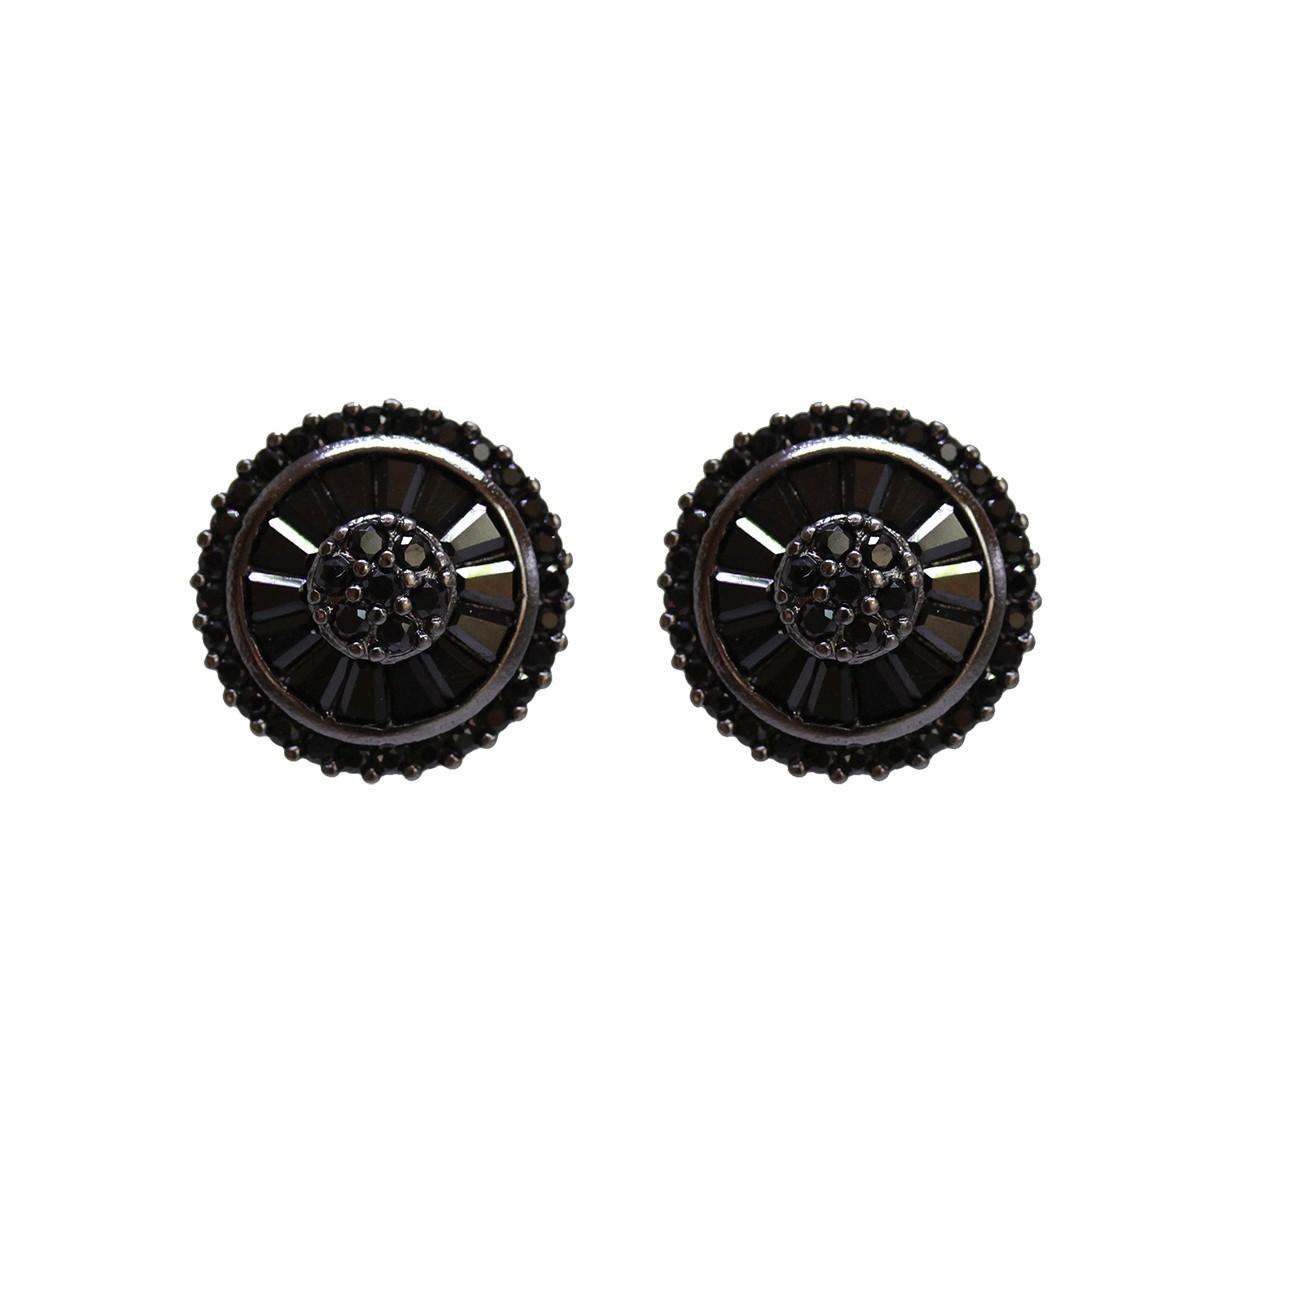 Brinco Pequeno Preto com Zirconias Banho de Ródio Negro